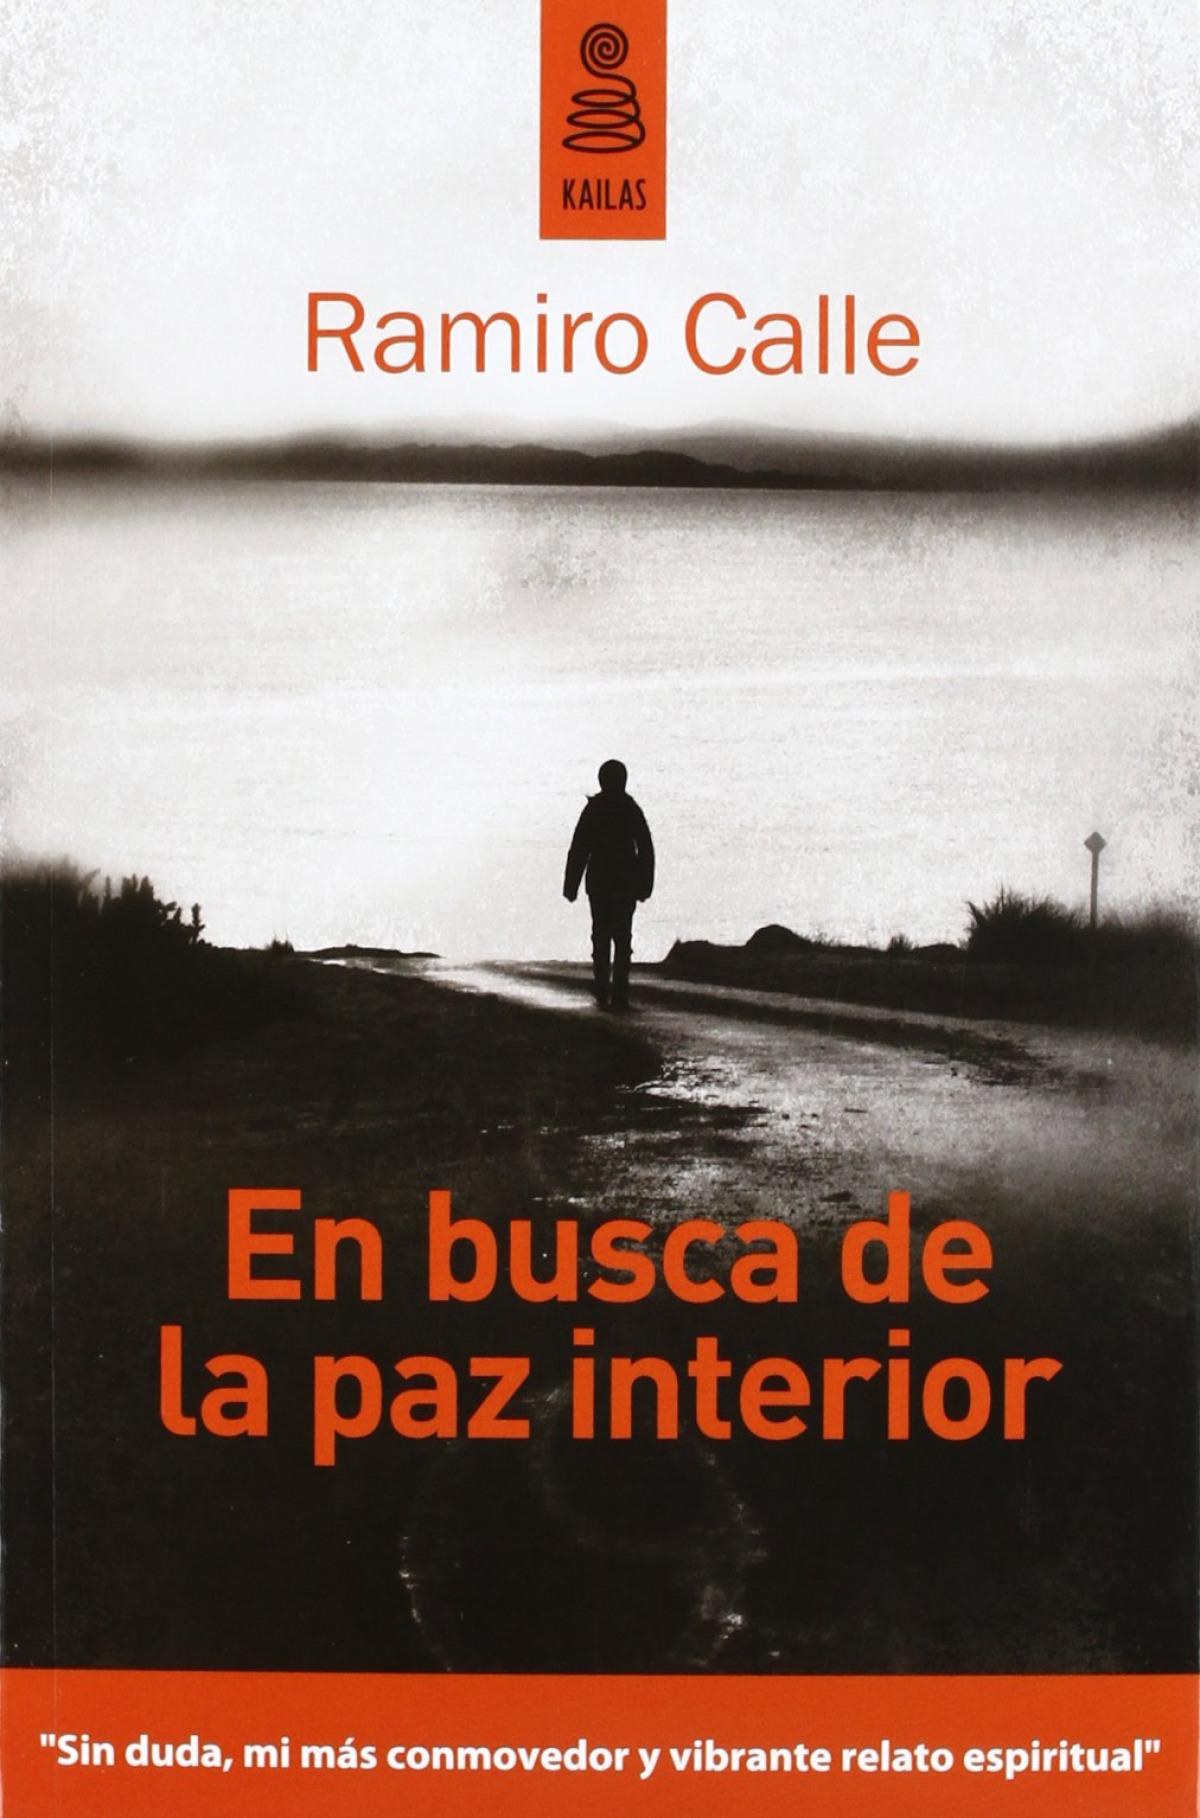 EN BUSCA DE LA PAZ INTERIOR 9788489624870